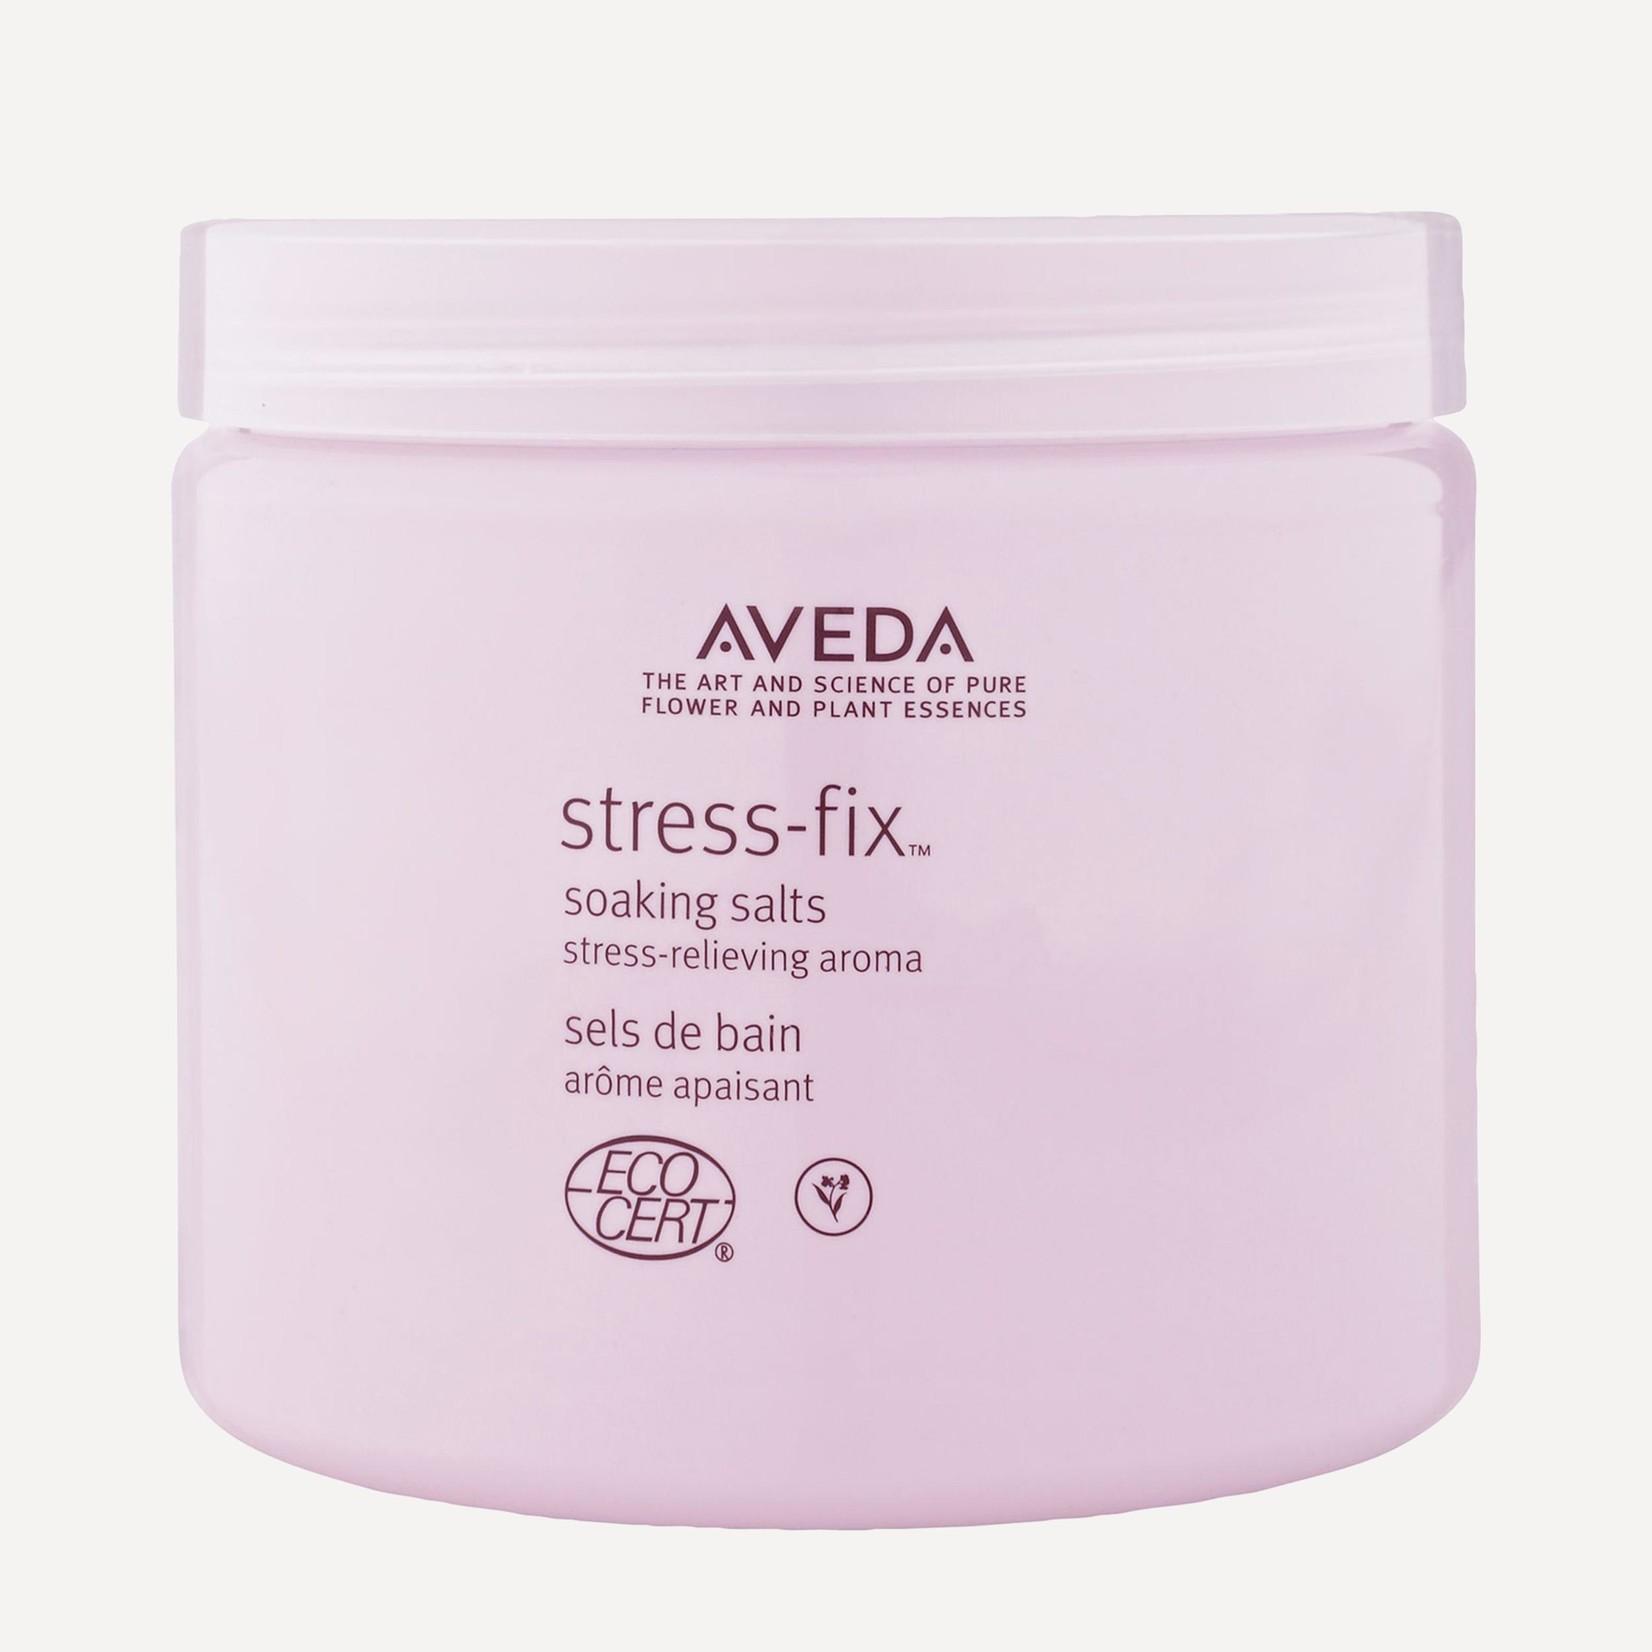 AVEDA Stress-Fix™ Soaking Salts